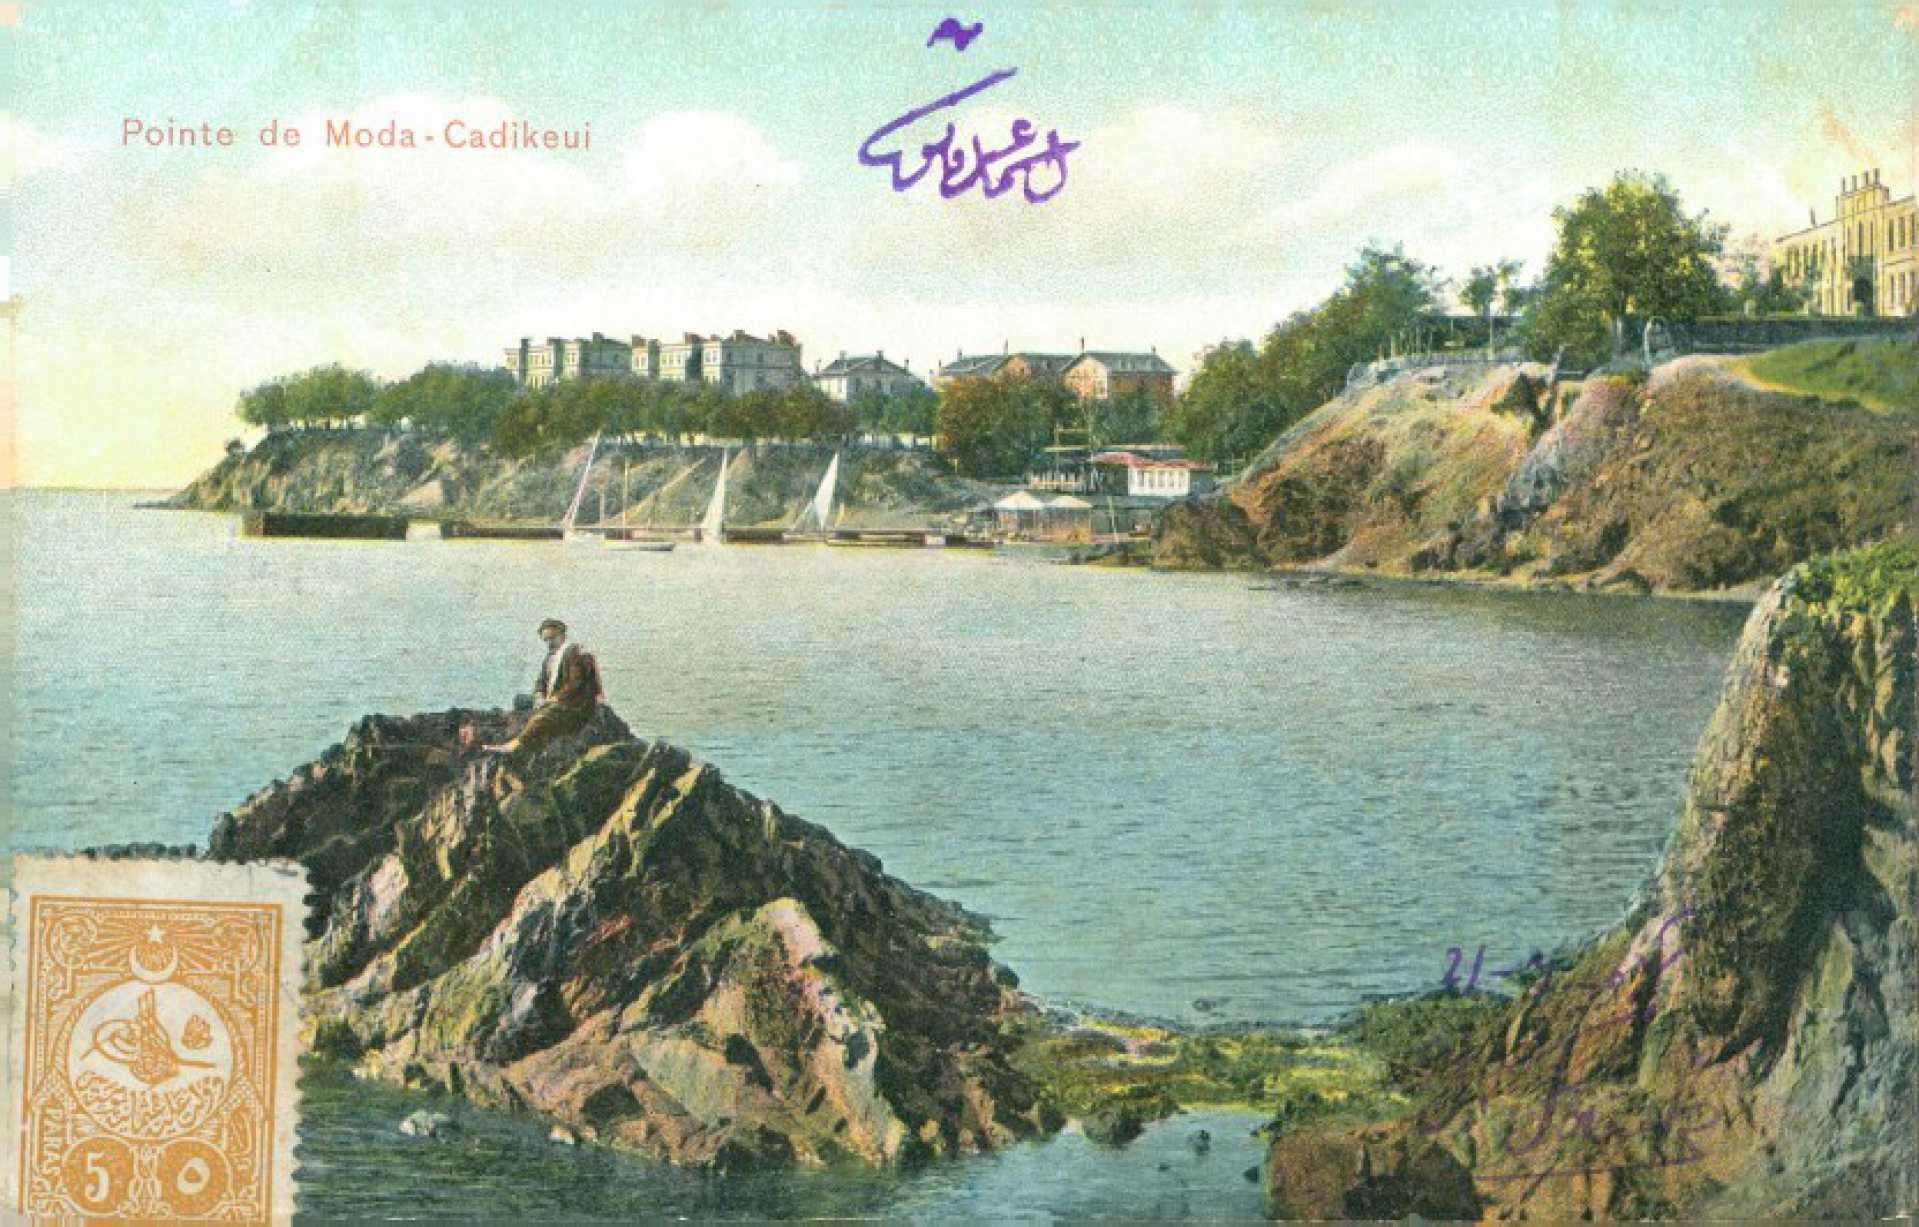 Pointe de Moda – Cadikeui